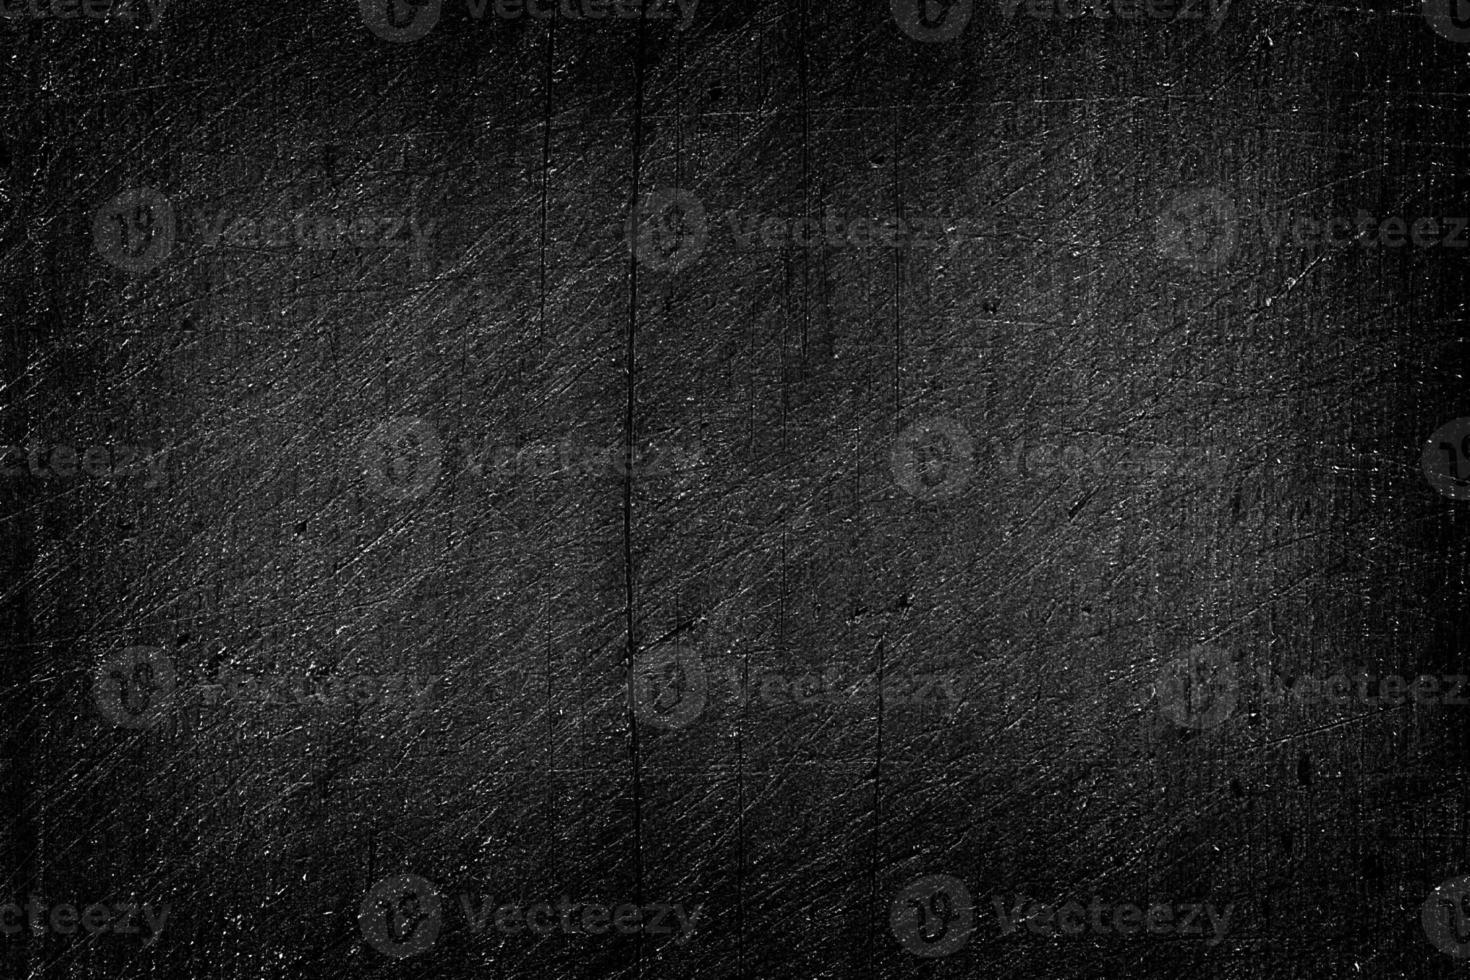 schwarze Holzstruktur foto